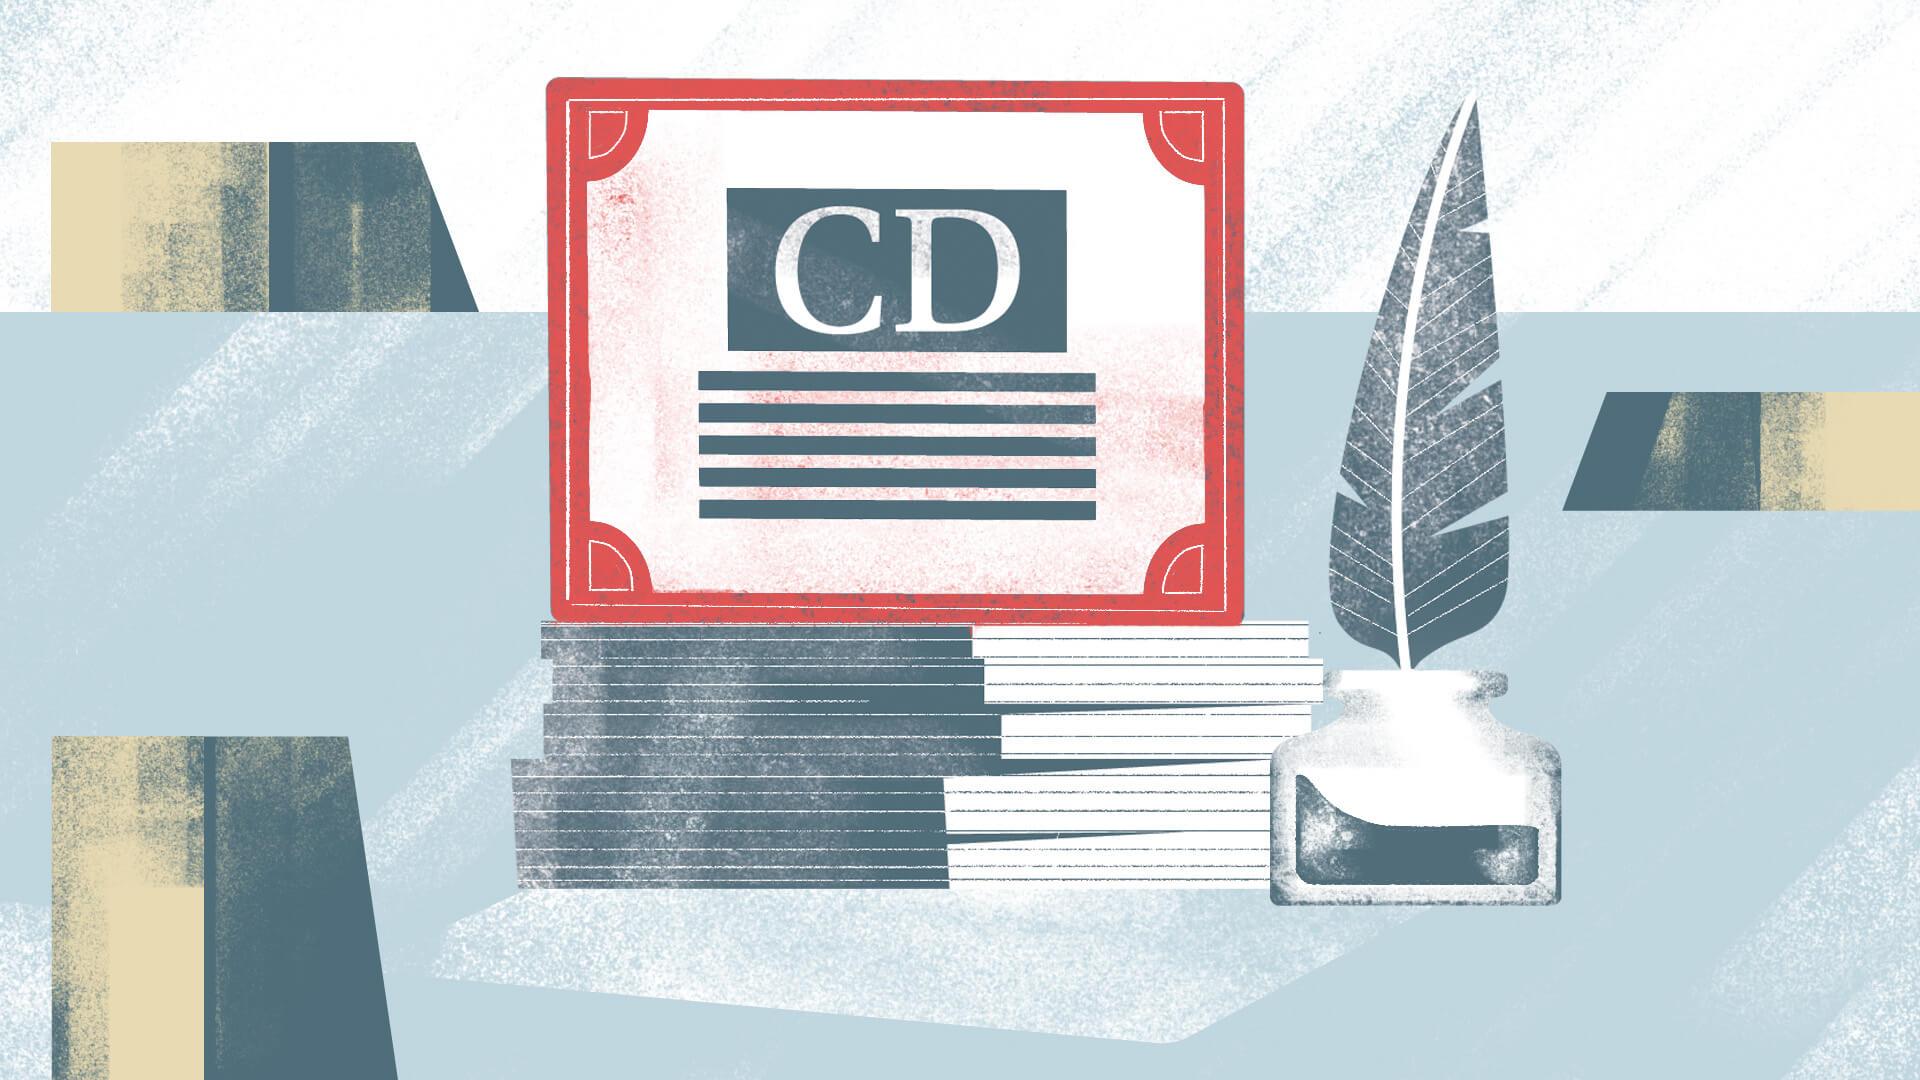 bank cd rates 2020